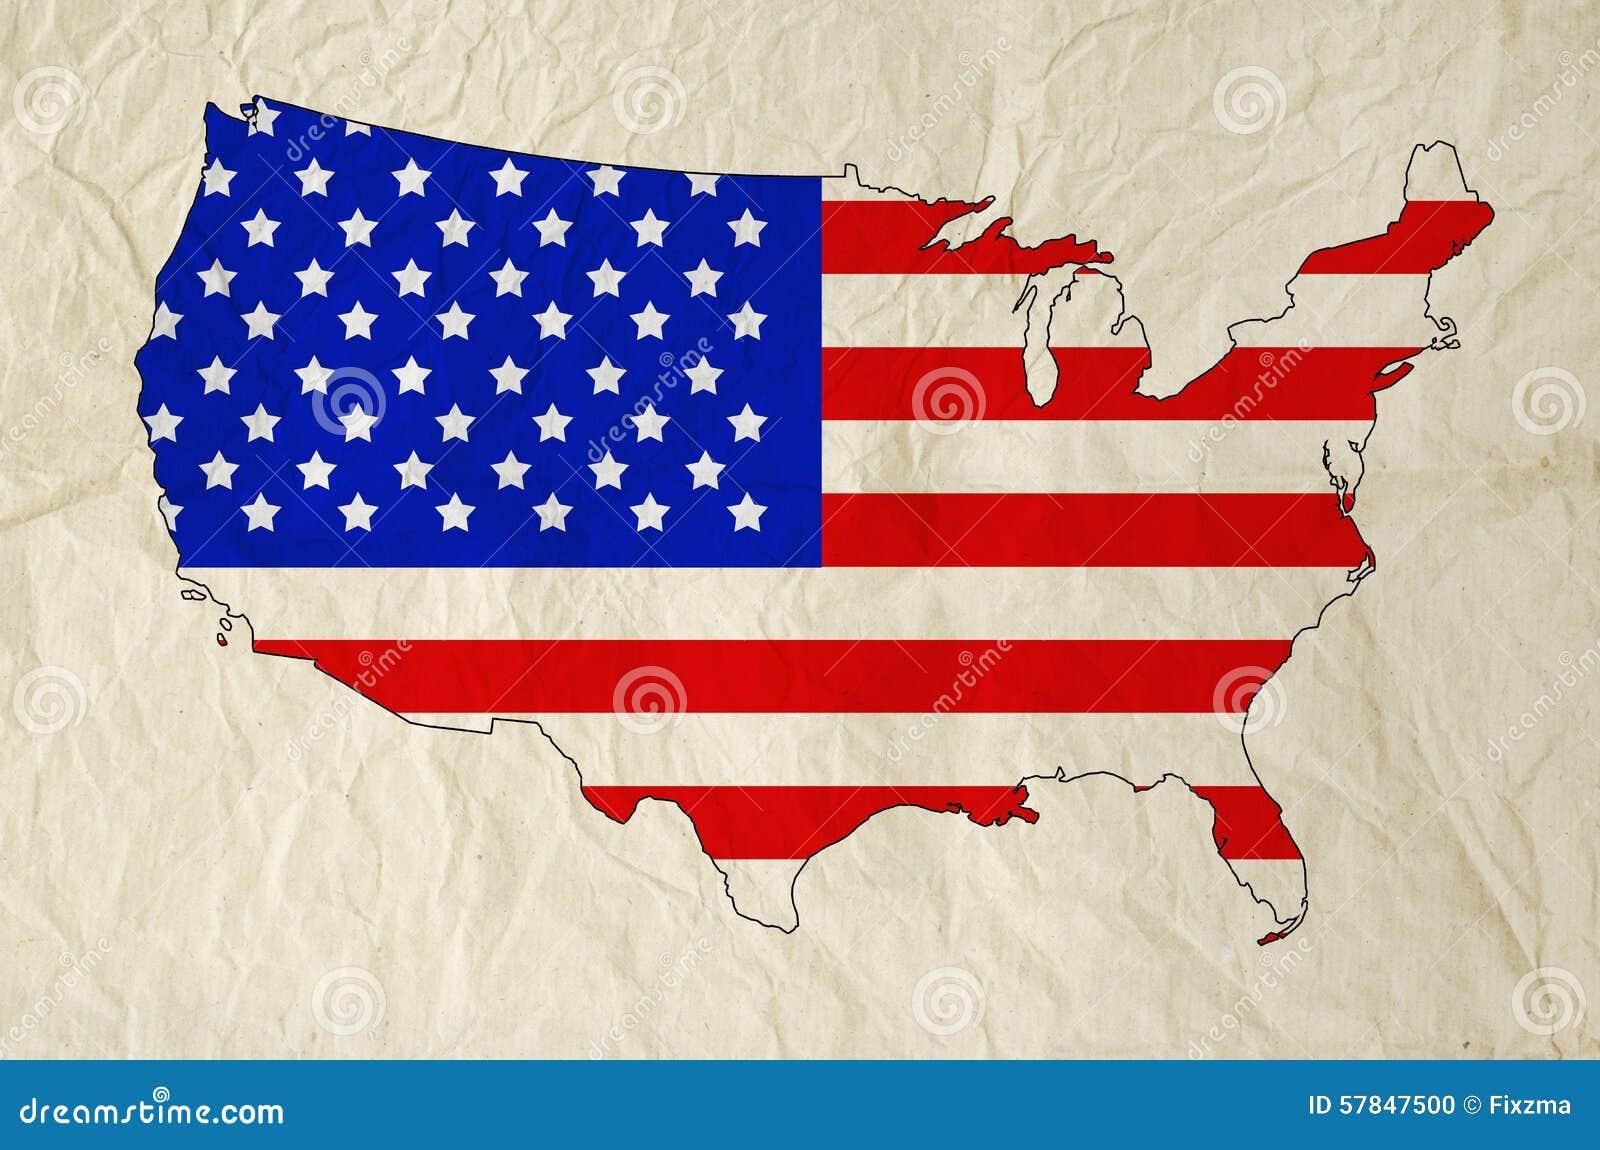 Ziemlich Amerikanische Flagge Powerpoint Vorlage Ideen - Beispiel ...